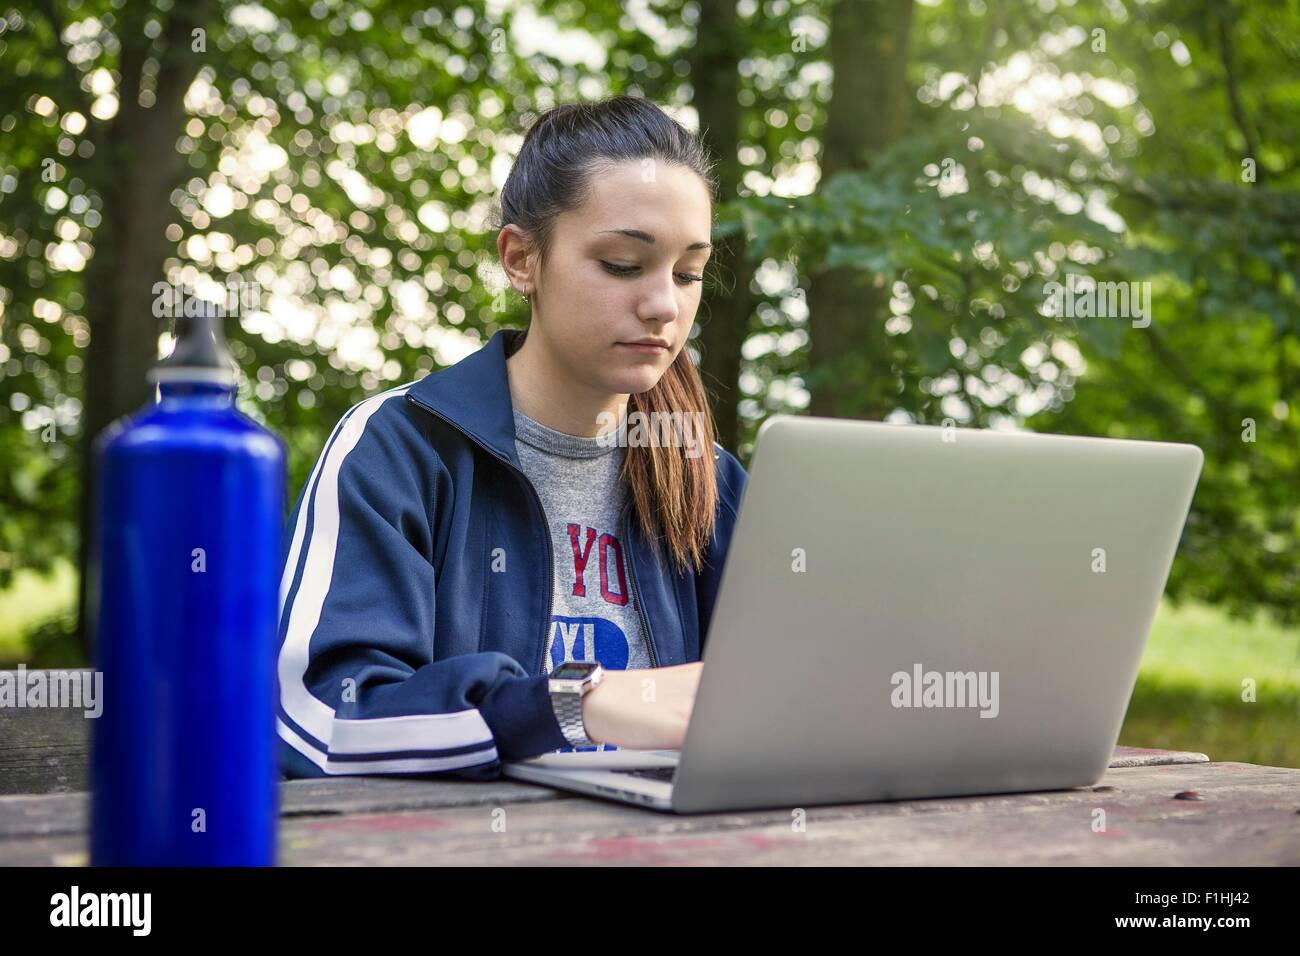 Ragazza adolescente in posizione di parcheggio con il portatile in panchina per picnic Immagini Stock